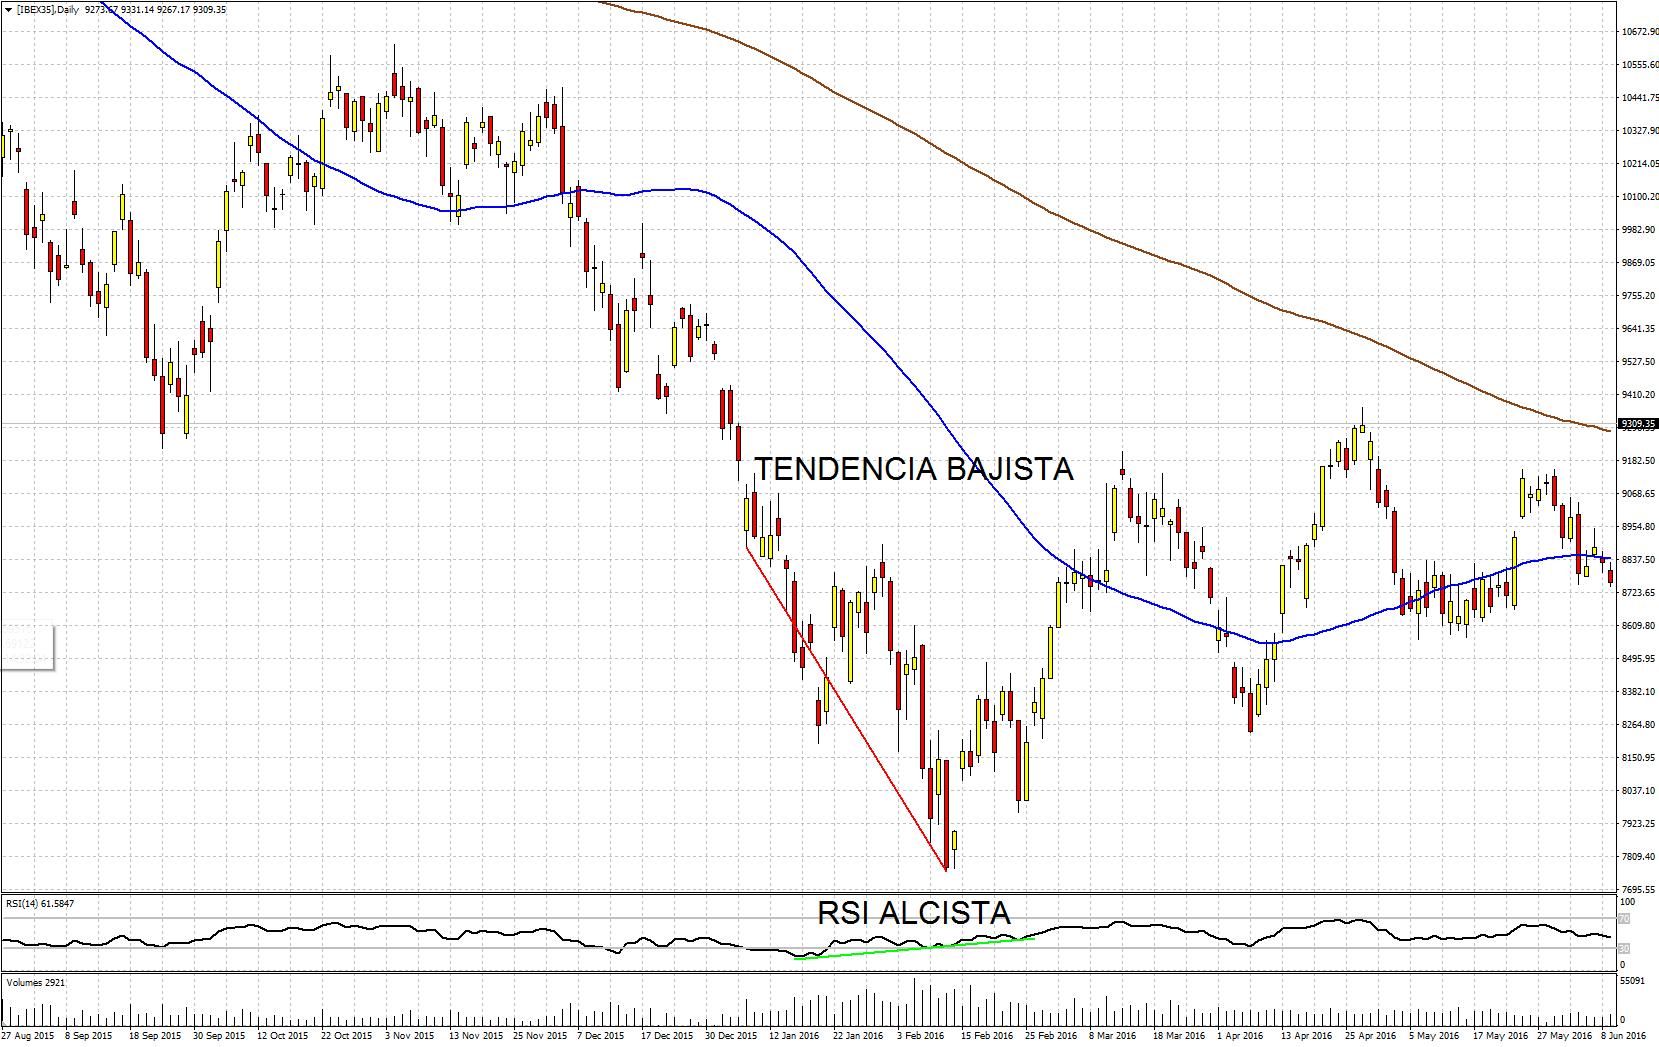 Divergencia alcista en el gráfico diario del Ibex 35 de la plataforma de trading Metatrader 4 de Admiral Markets [IBEX35]: